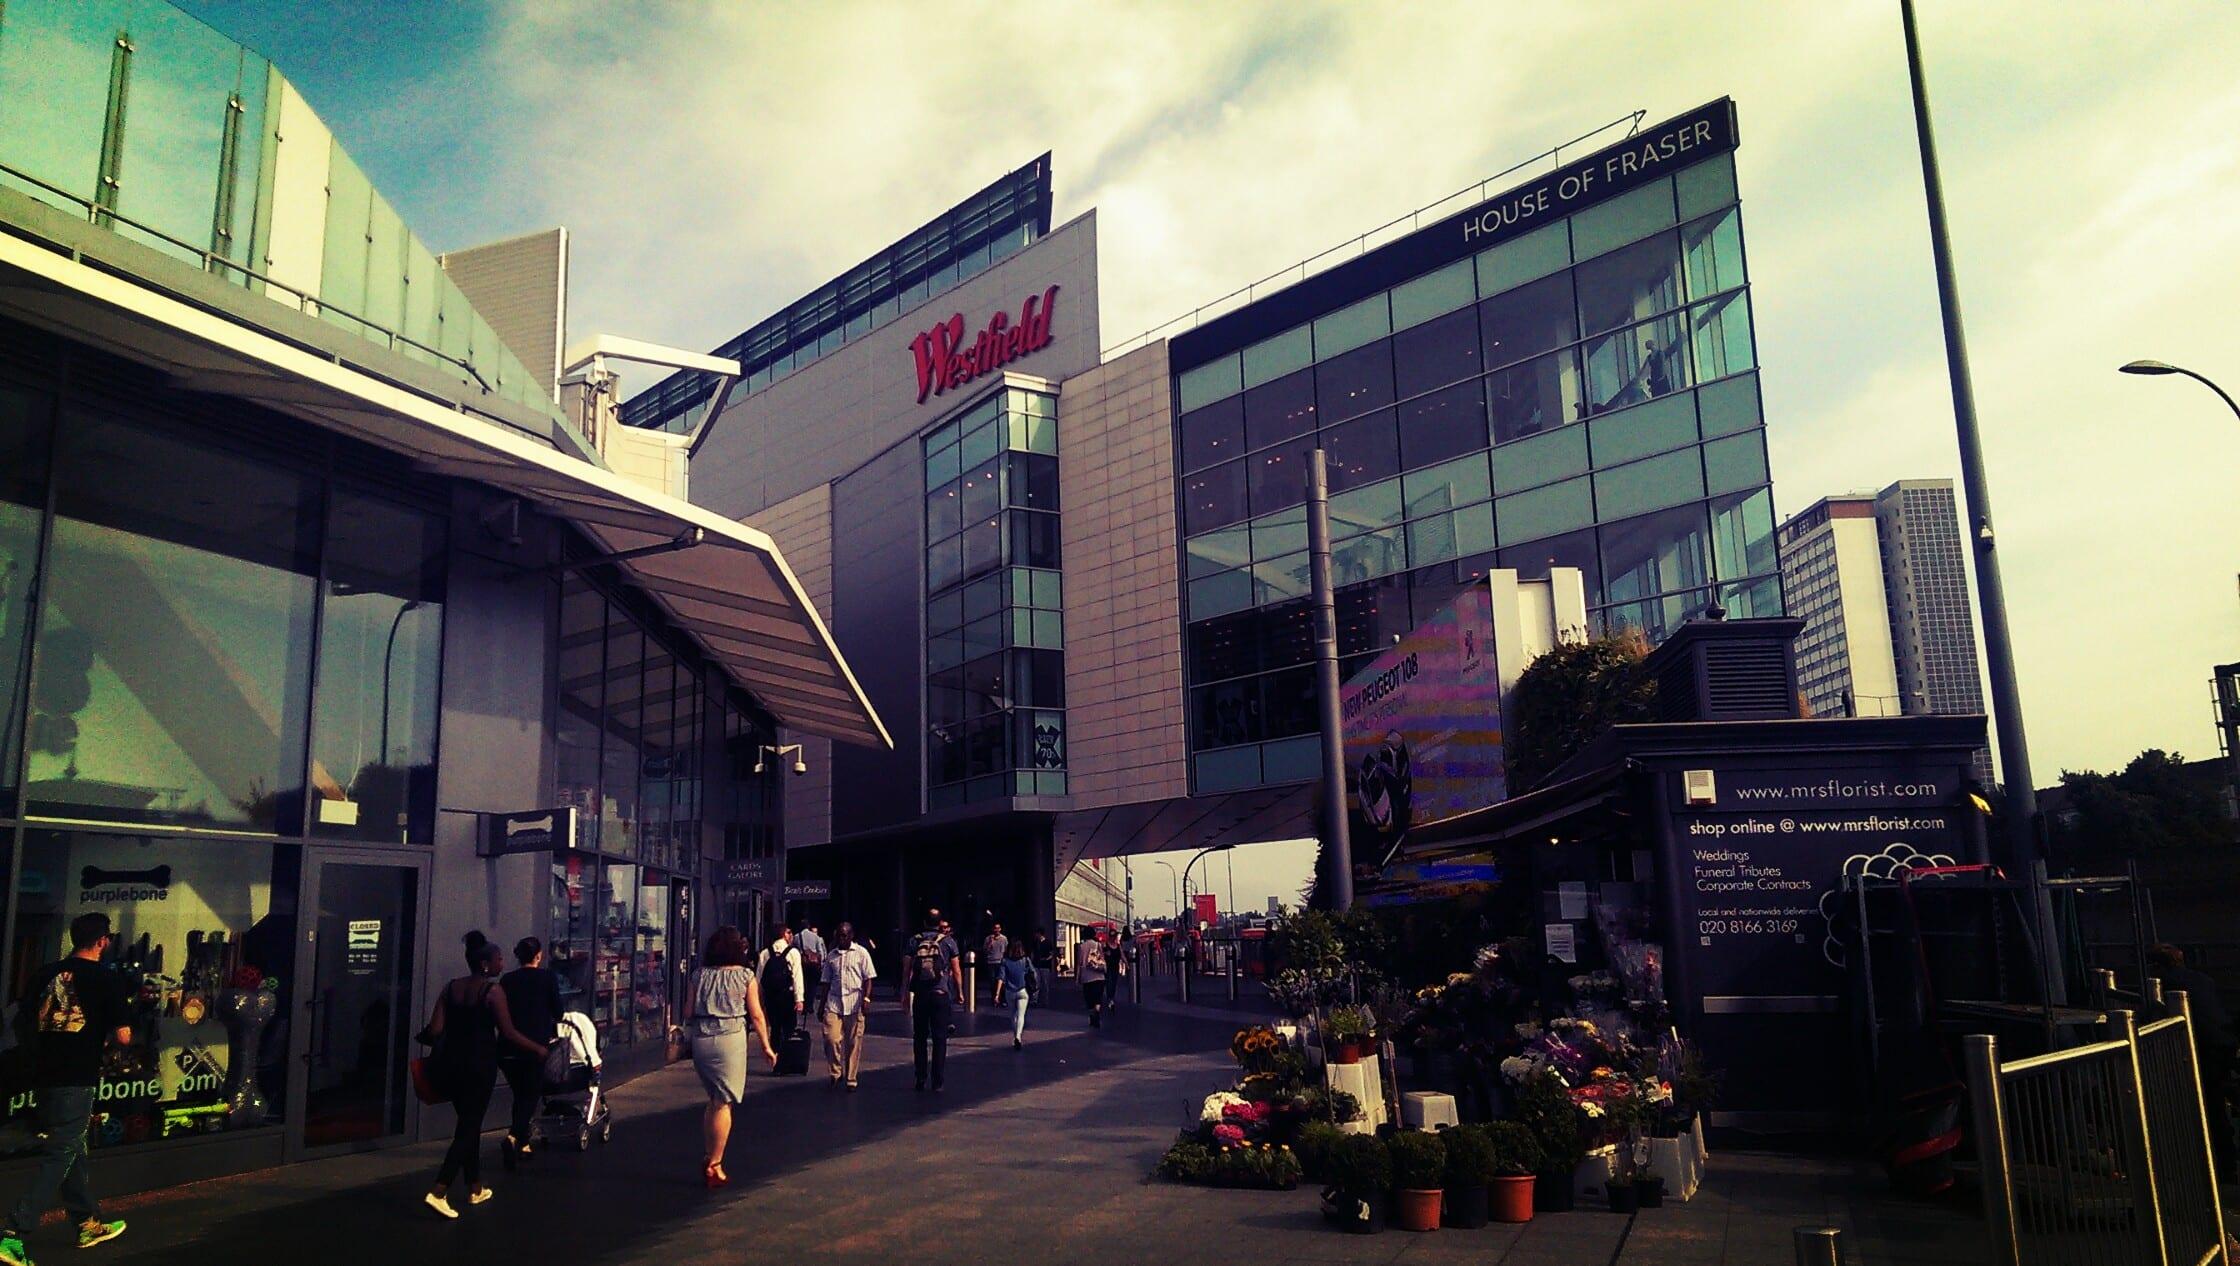 Das Westfield London ist eines der größten und spektakulärsten Einkaufszentren der Stadt